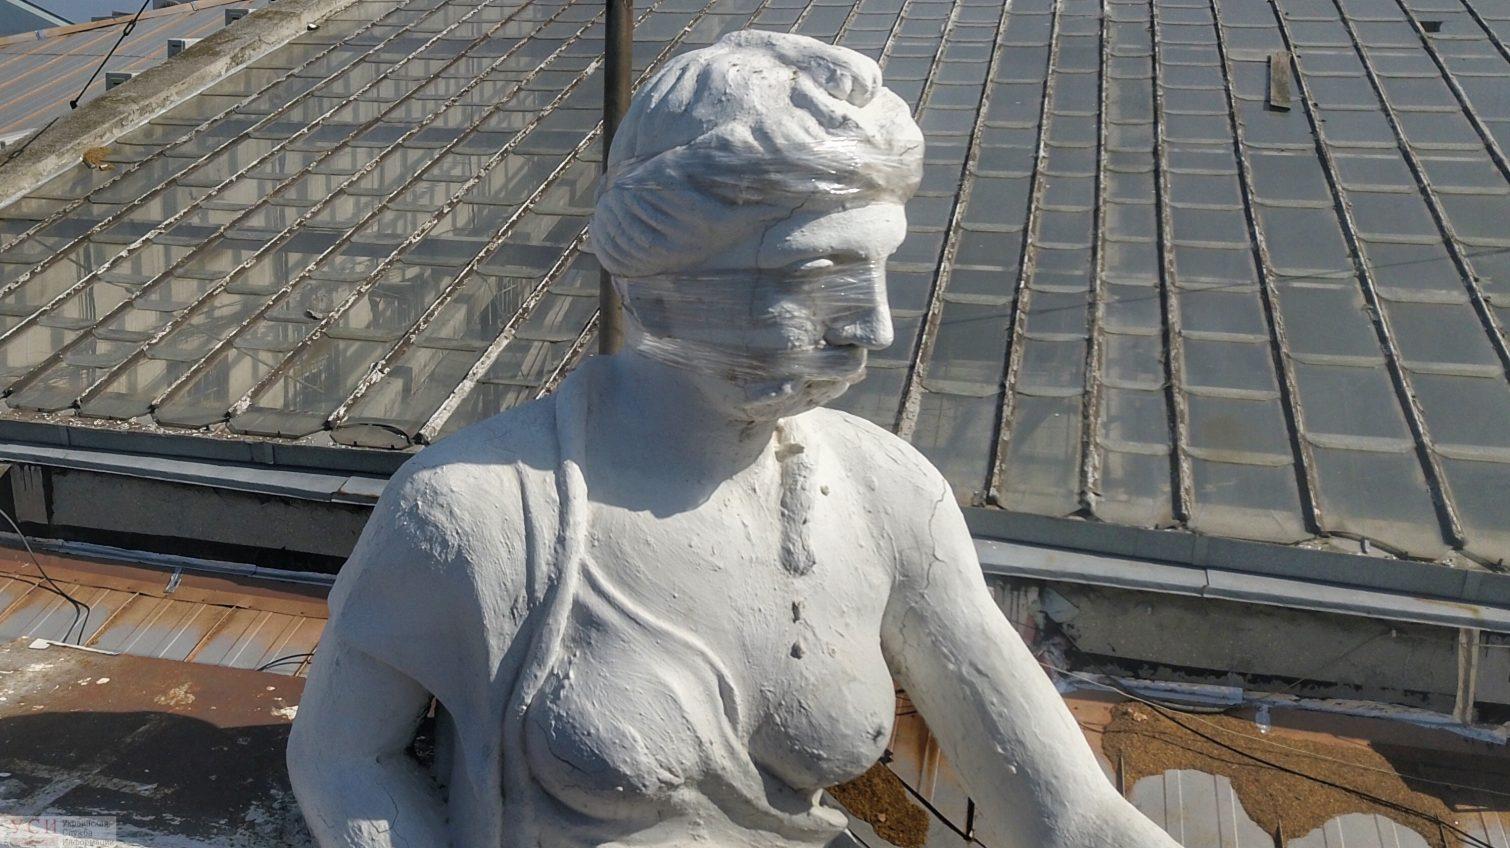 Мэрия: скульптуру «День и ночь» на здании горсовета повредил дрон. Операторы дронов говорят — это невозможно (фото) «фото»